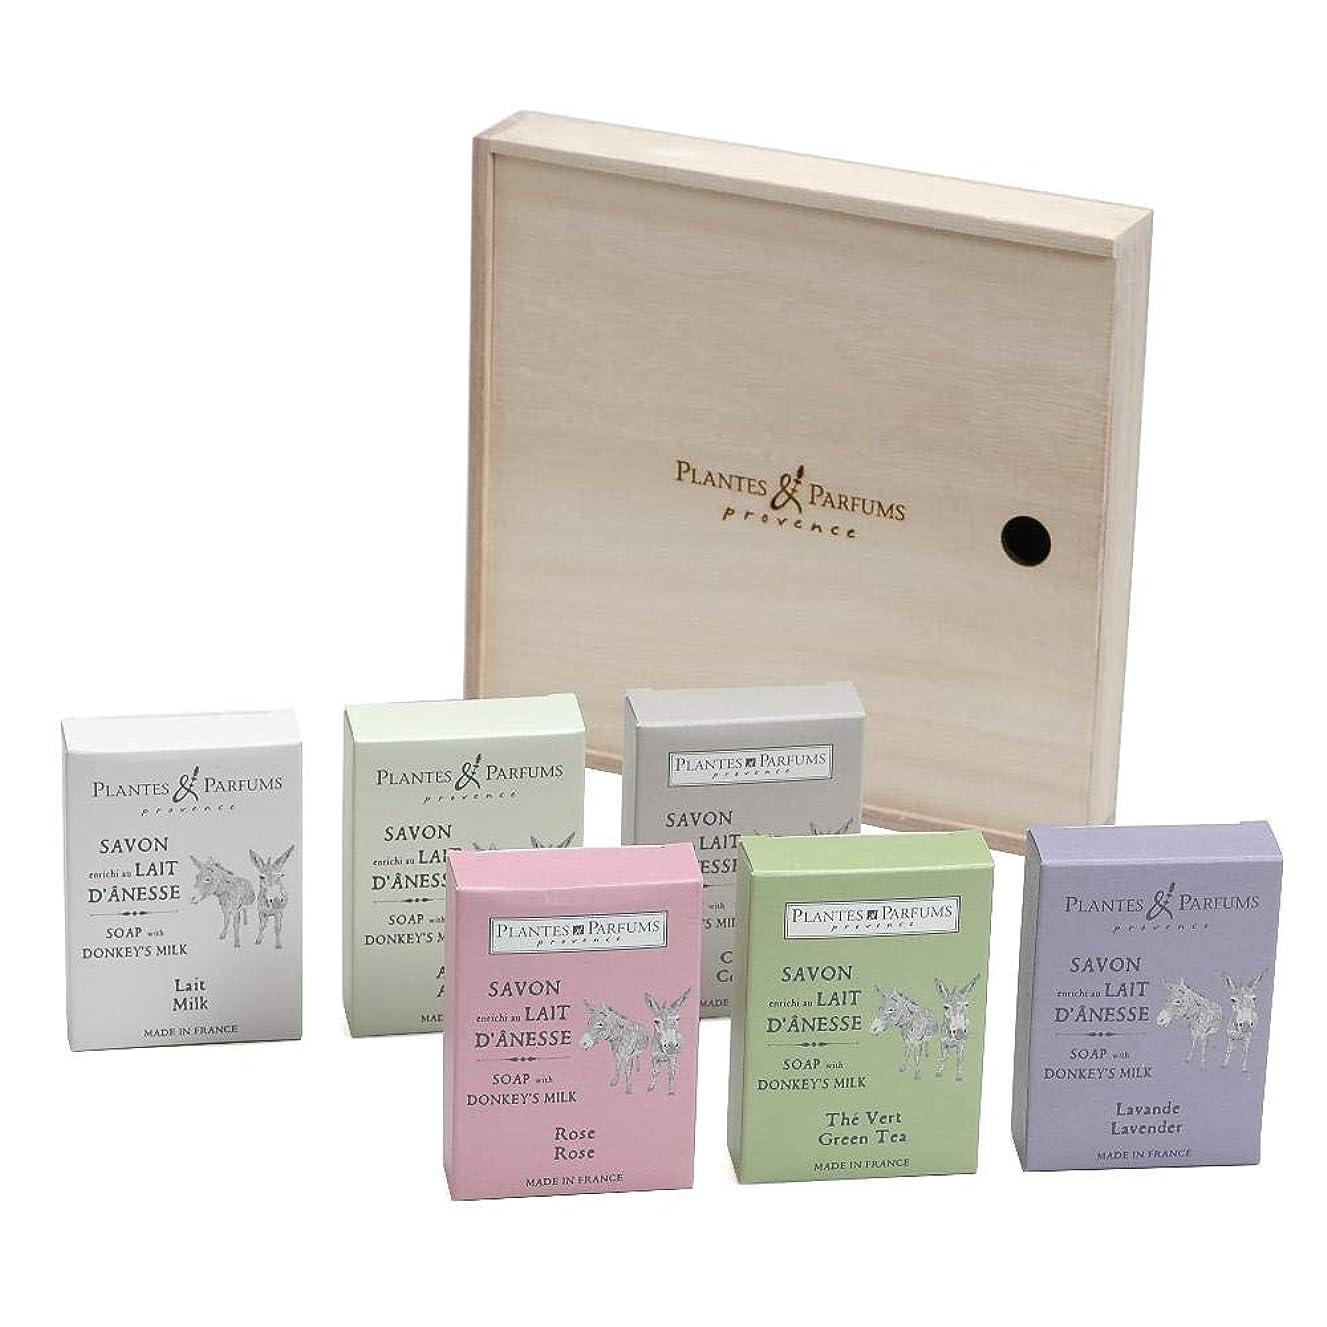 動機付けるファウル似ているPlantes&Parfums [プランツ&パルファム] ロバミルクソープセット[木箱] 6pcs.